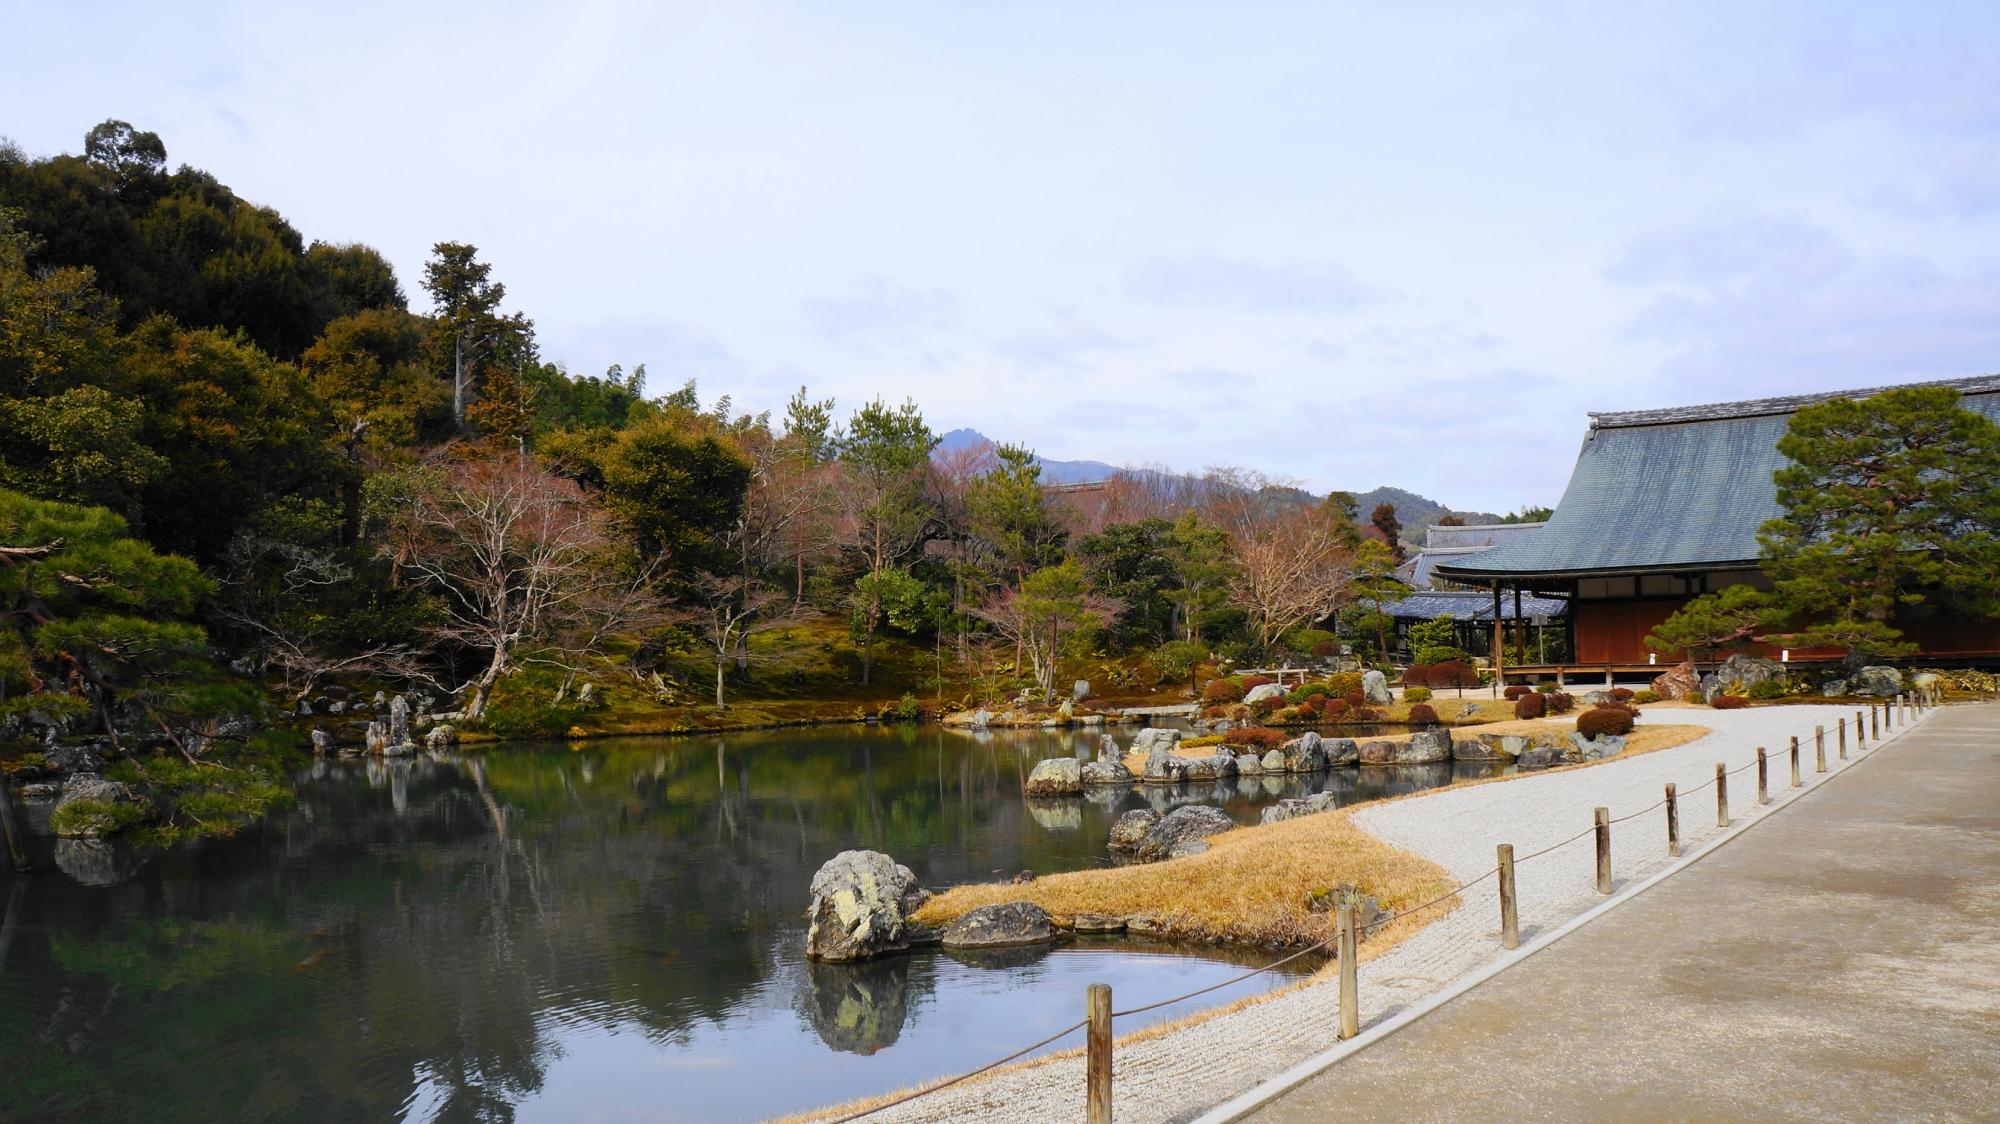 彩りの薄れる天龍寺の冬の曹源池(曹源池庭園)